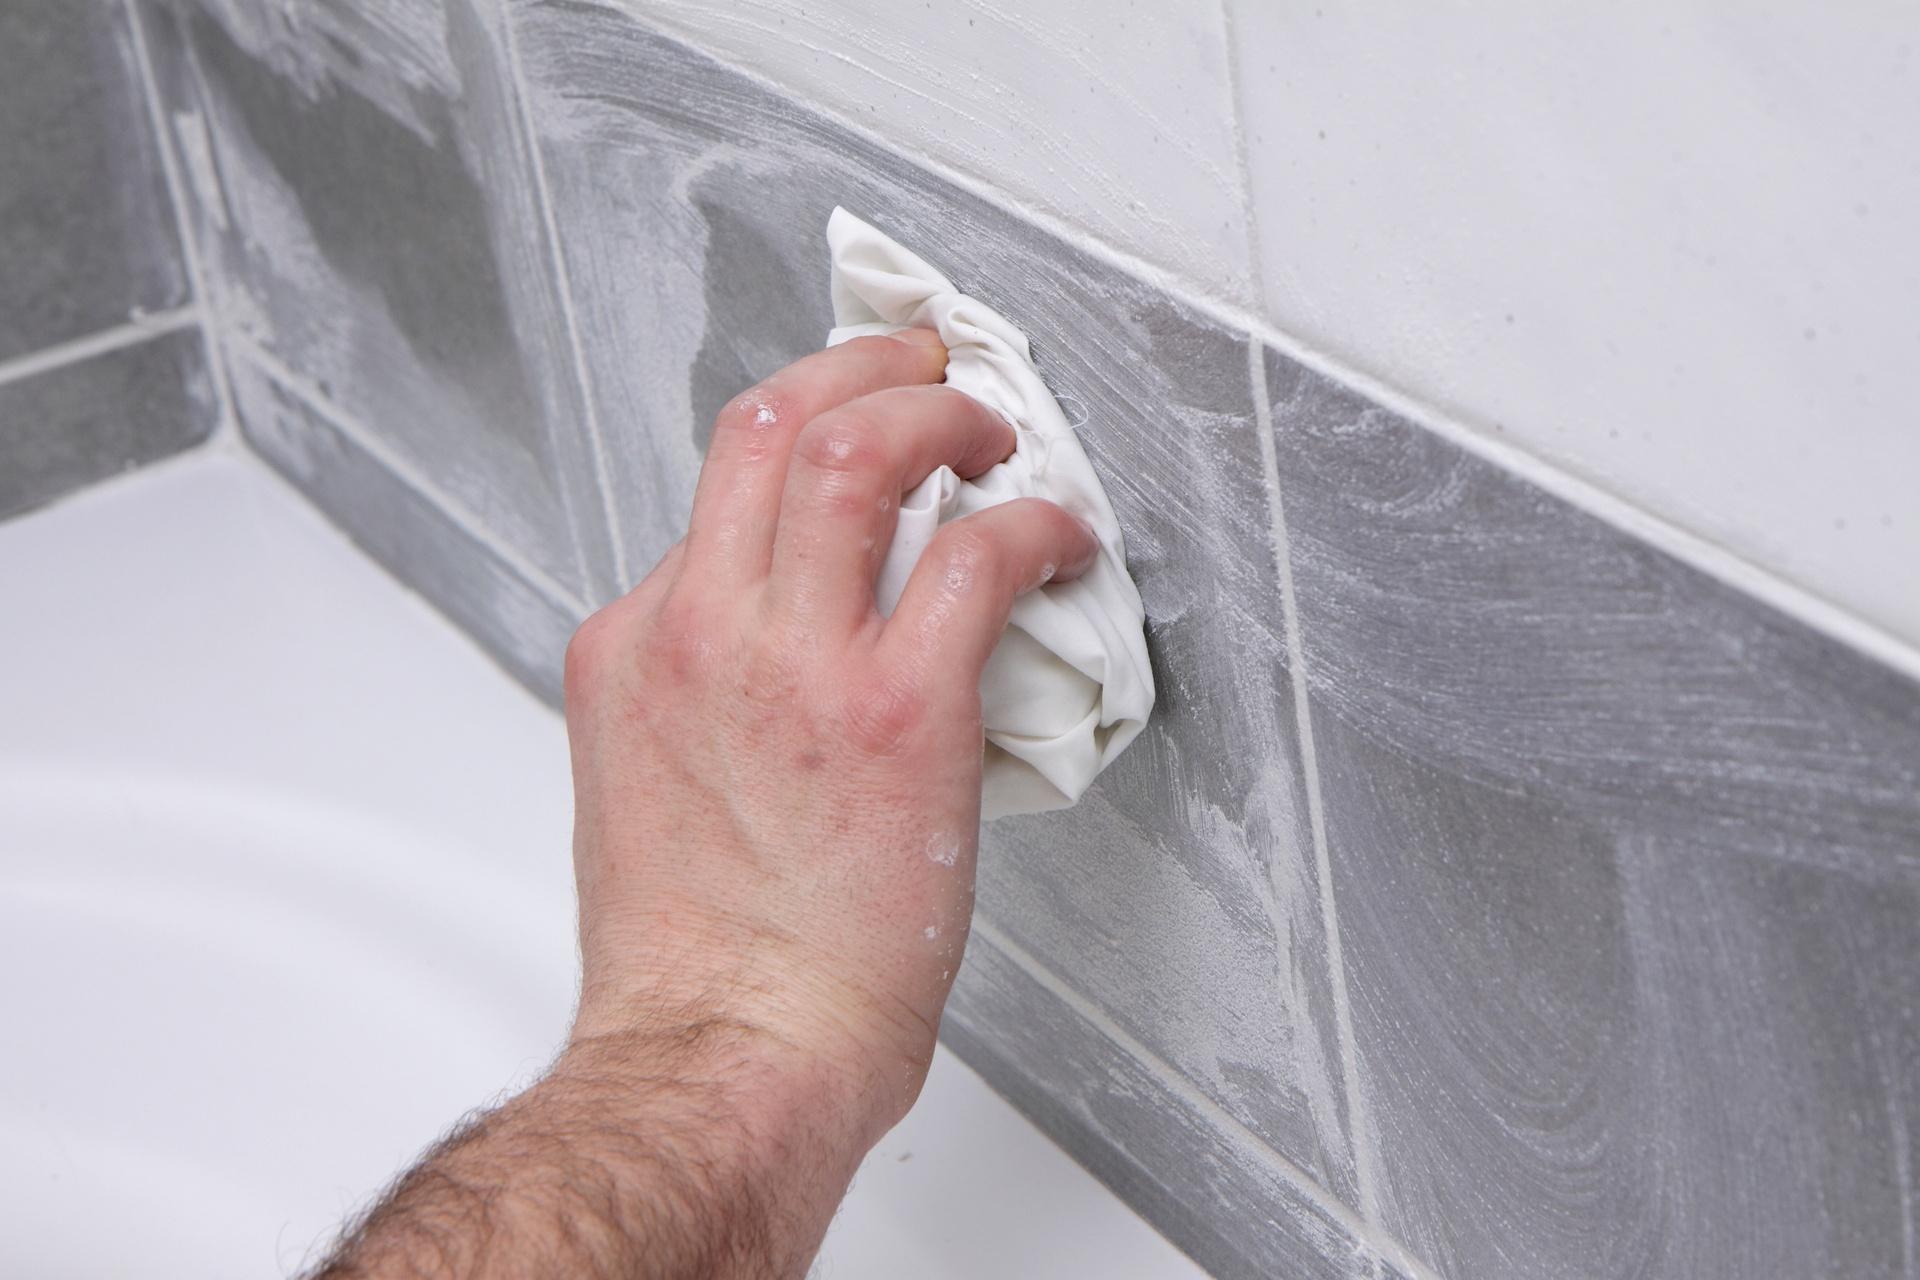 Astuces Pour Nettoyer Les Joints De Carrelage - Grands encequiconcerne Comment Nettoyer Des Joints De Salle De Bain